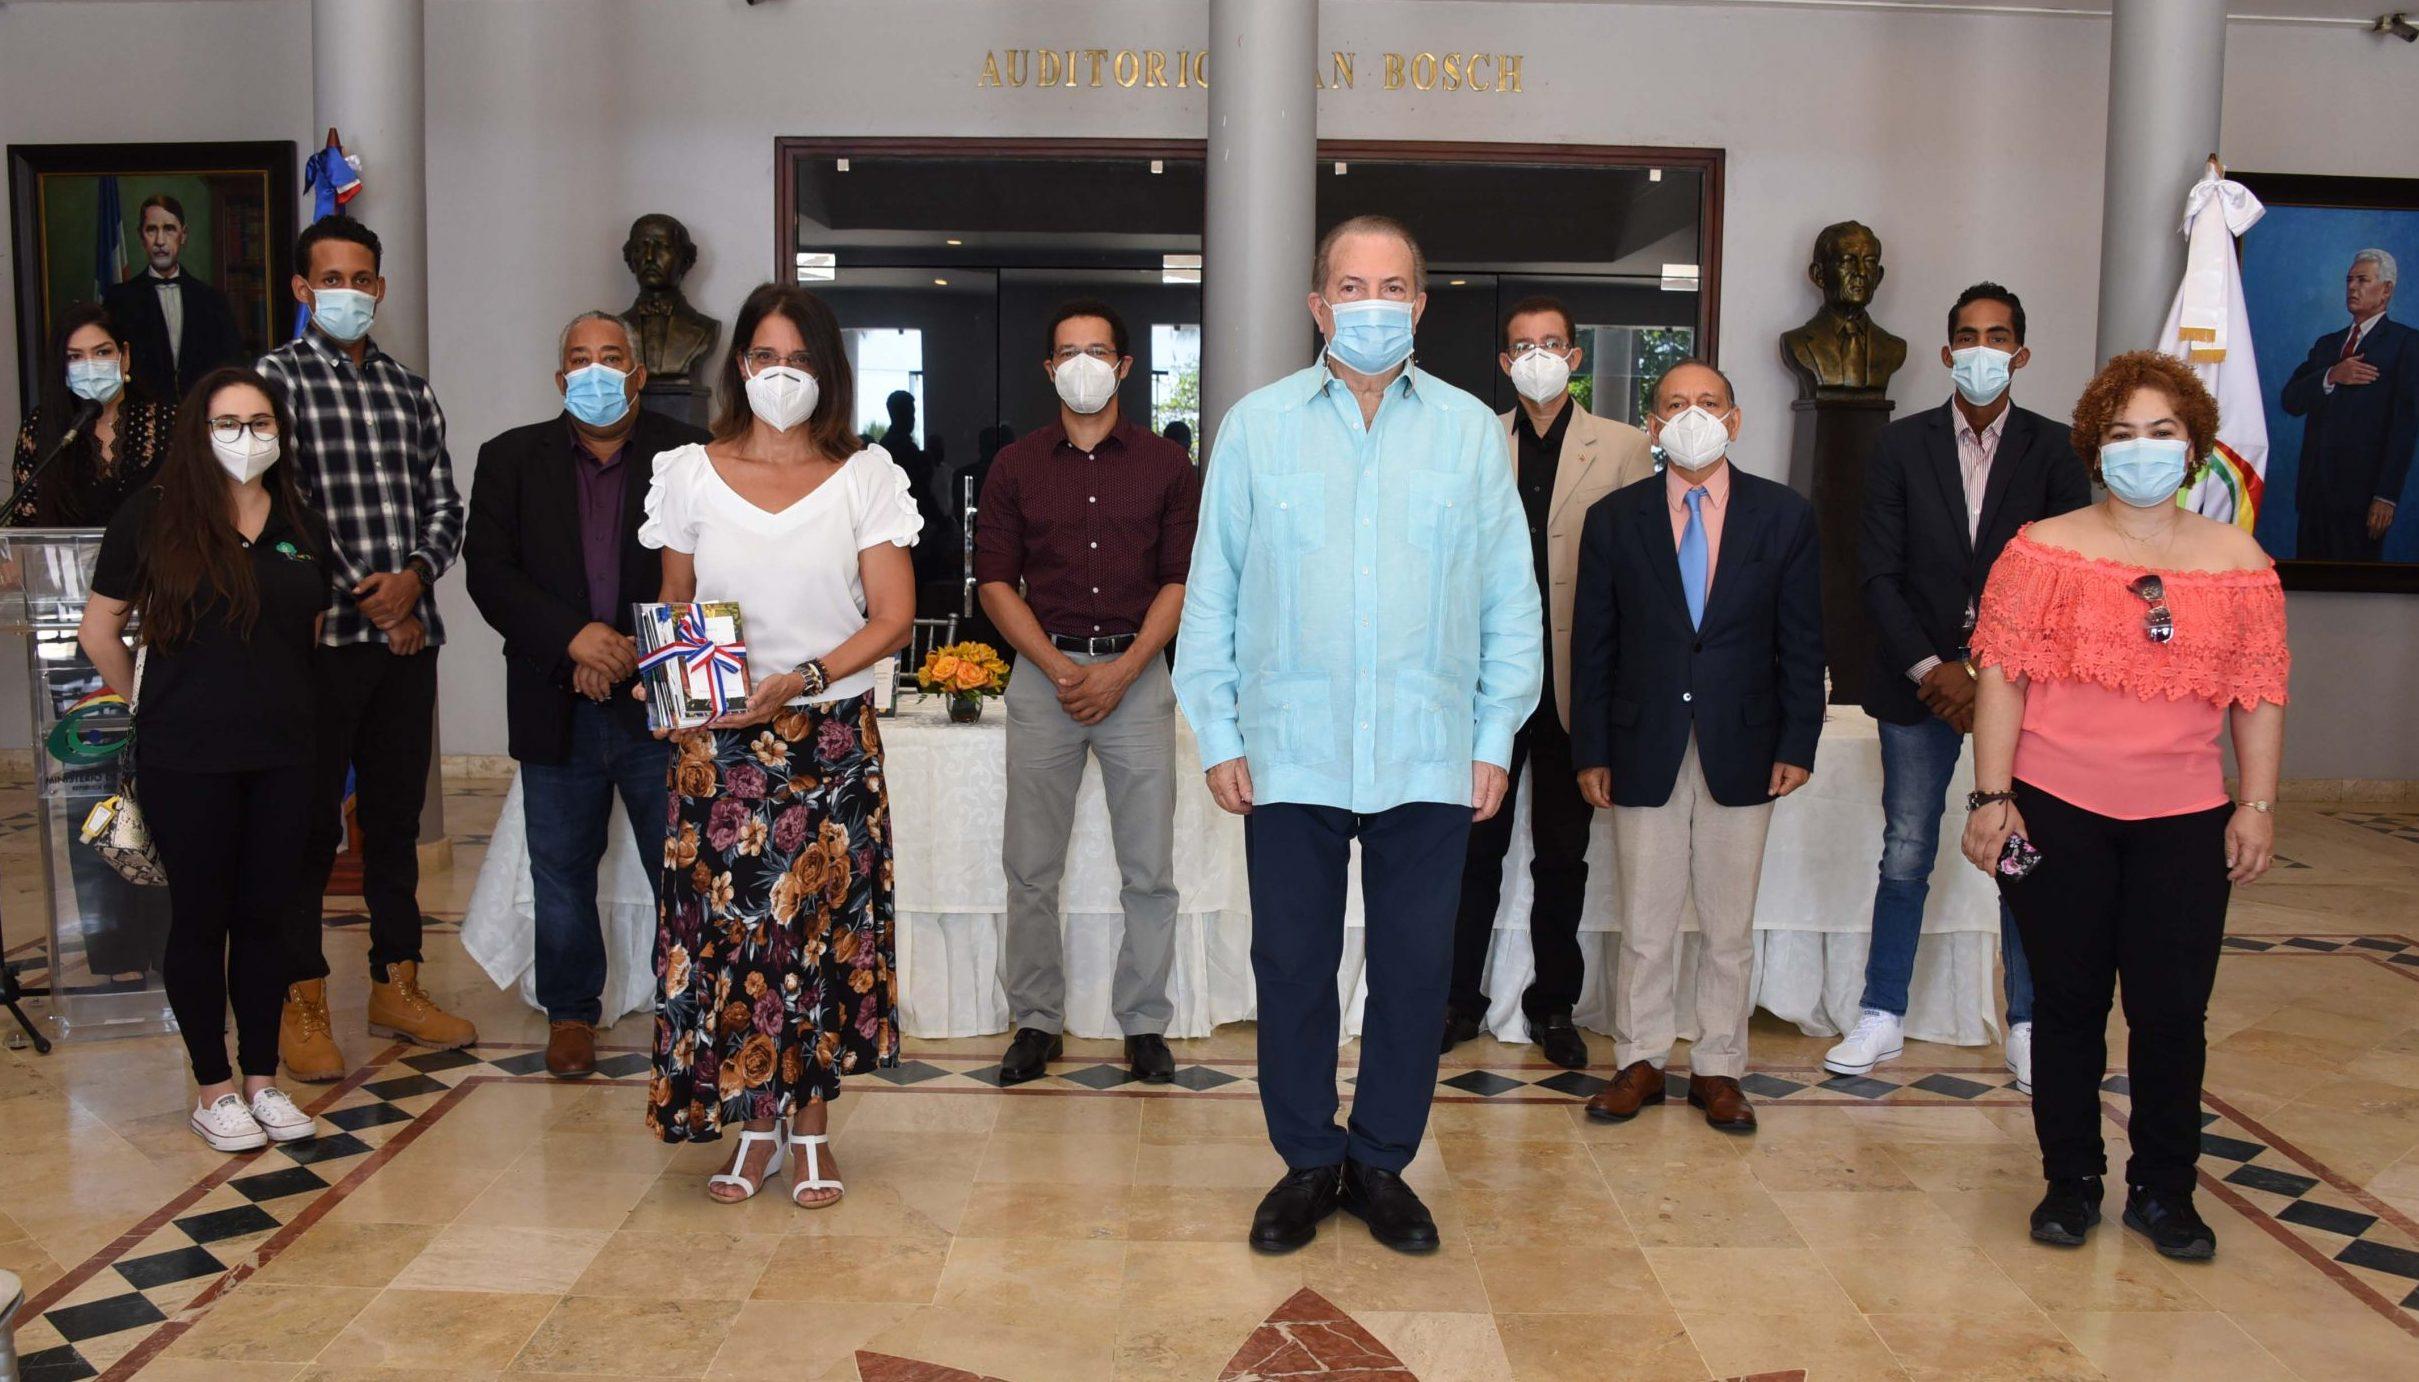 Autoridades del Ministerio de Cultura junto a parte de los autores de las obras que fueron puestas en circulación